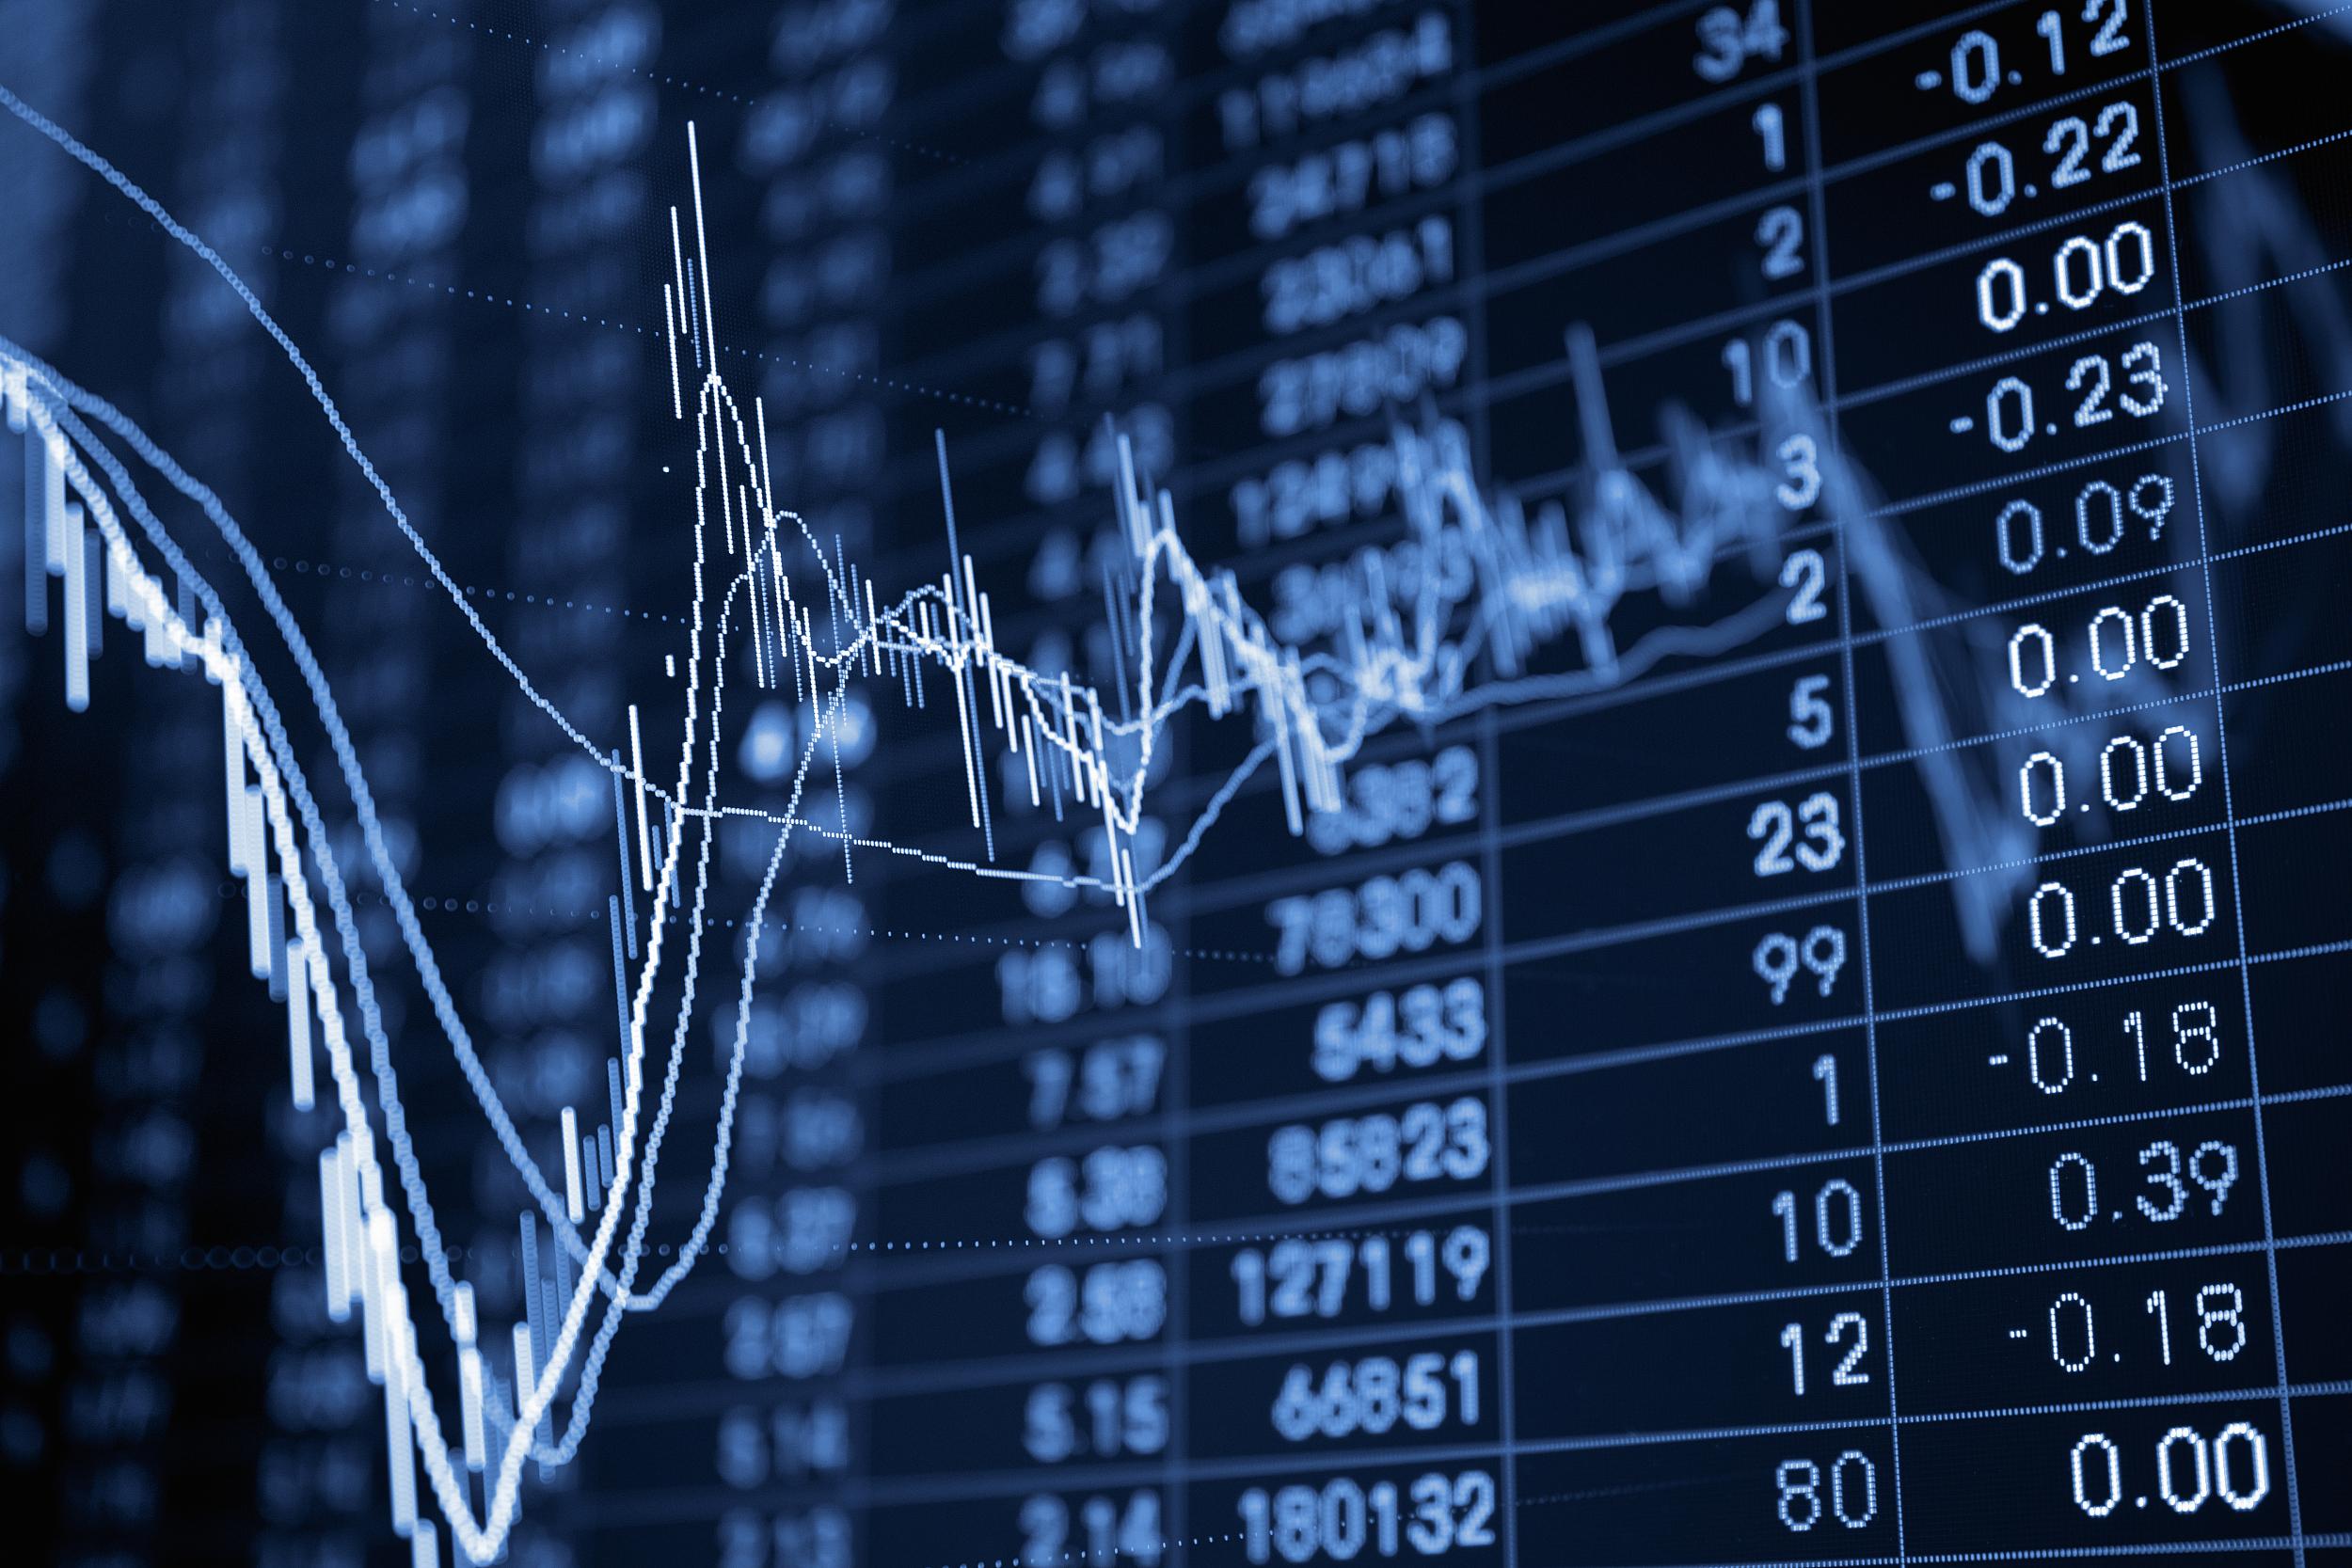 国资委最新表态|关于债券违约、大宗商品涨价、碳中和.....